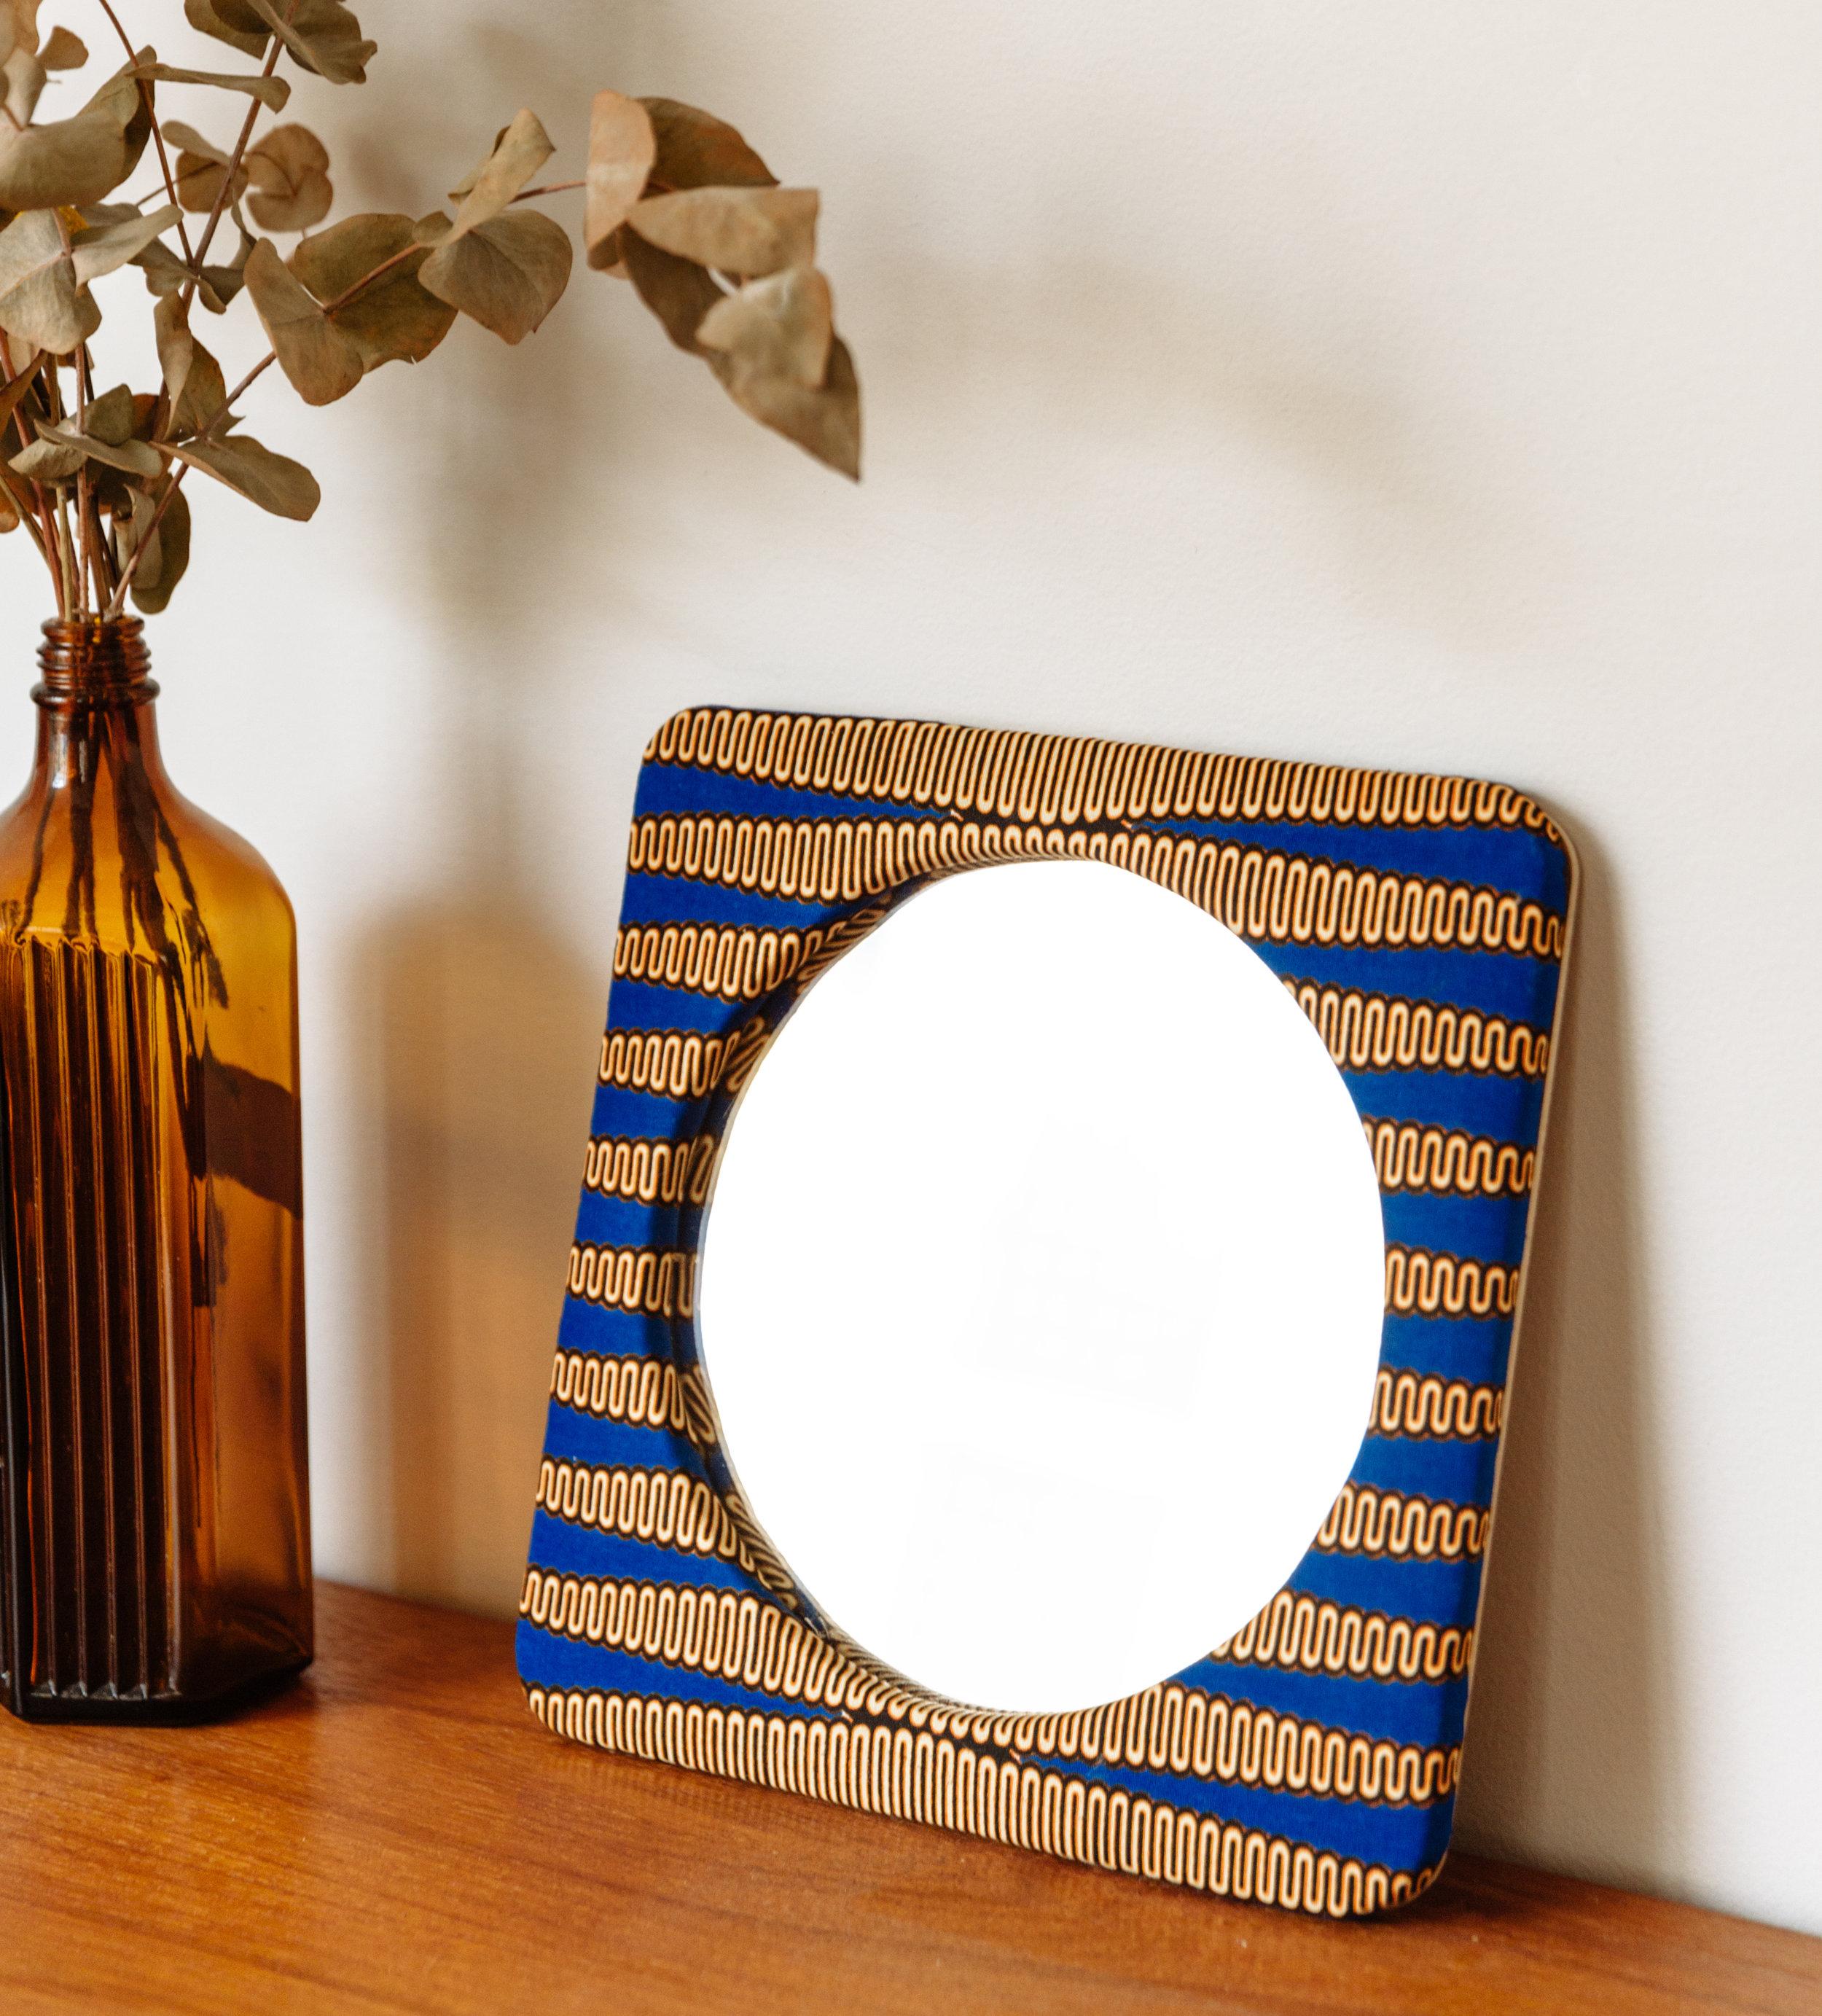 Chairwood & Adjamée - Adjamée, la marque à la quête du tissu parfait. Talissa voyage du Ghana au Kenya en passant par la Côte d'Ivoire et le Pérou, pour vous créer des collections de tissus mettant en avant la richesse des textiles ethniques au travers d'objets qui illuminent notre environnement, notre quotidien.